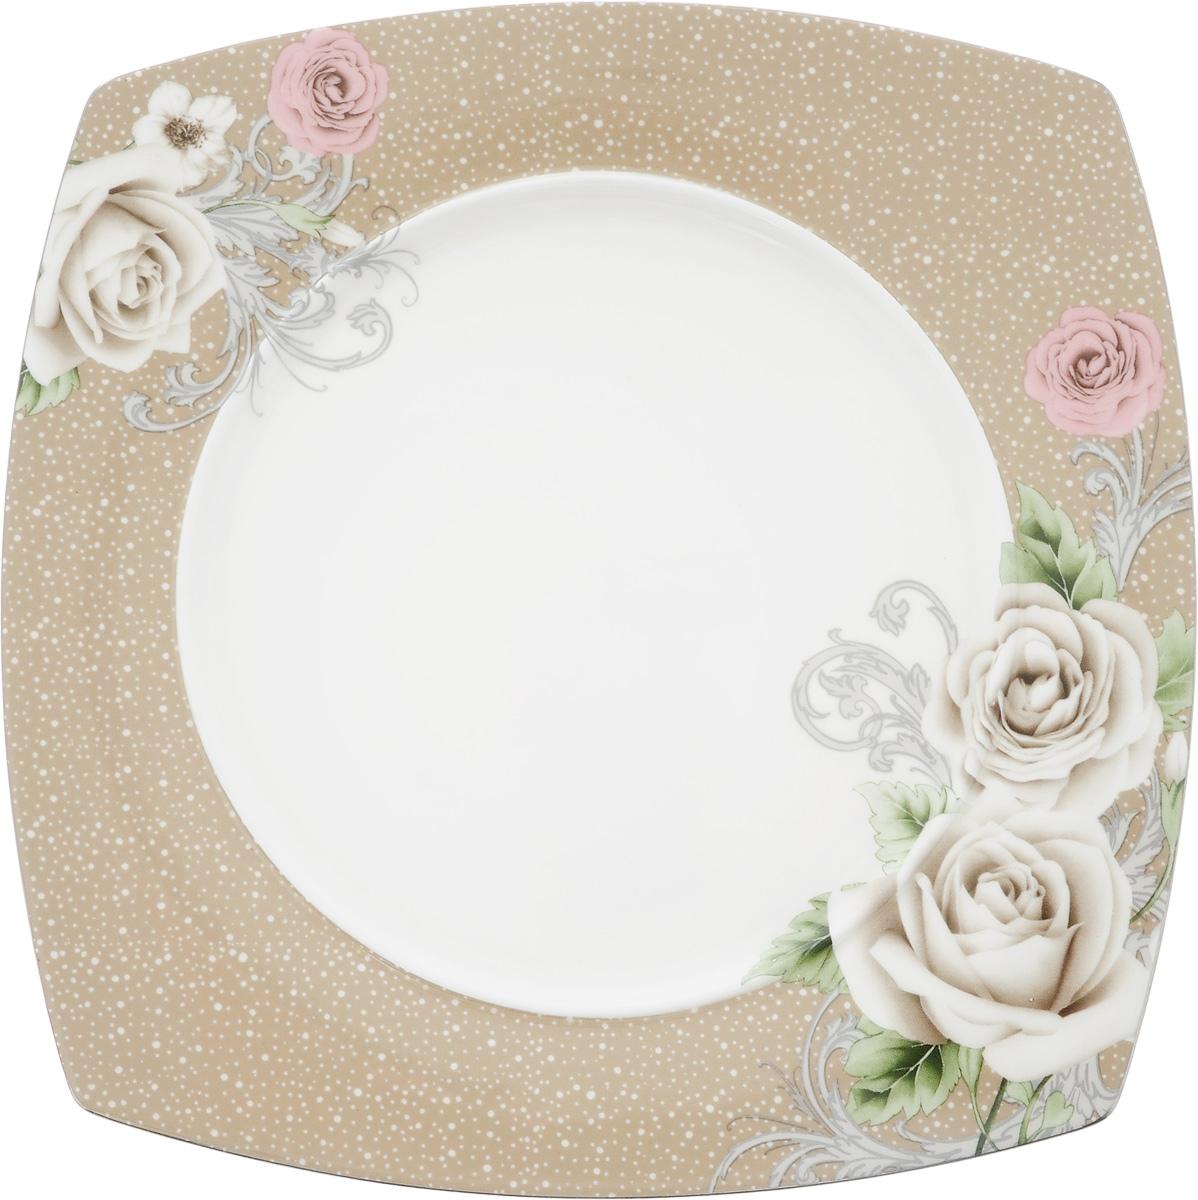 Тарелка Florance, 20 x 20 смPR7990Тарелка Florance изготовлена из качественного фарфора. Изделие декорировано цветочным рисунком. Такая тарелка отлично подойдет в качестве блюда для сервировки закусок и нарезок, ее также можно использовать как обеденную.